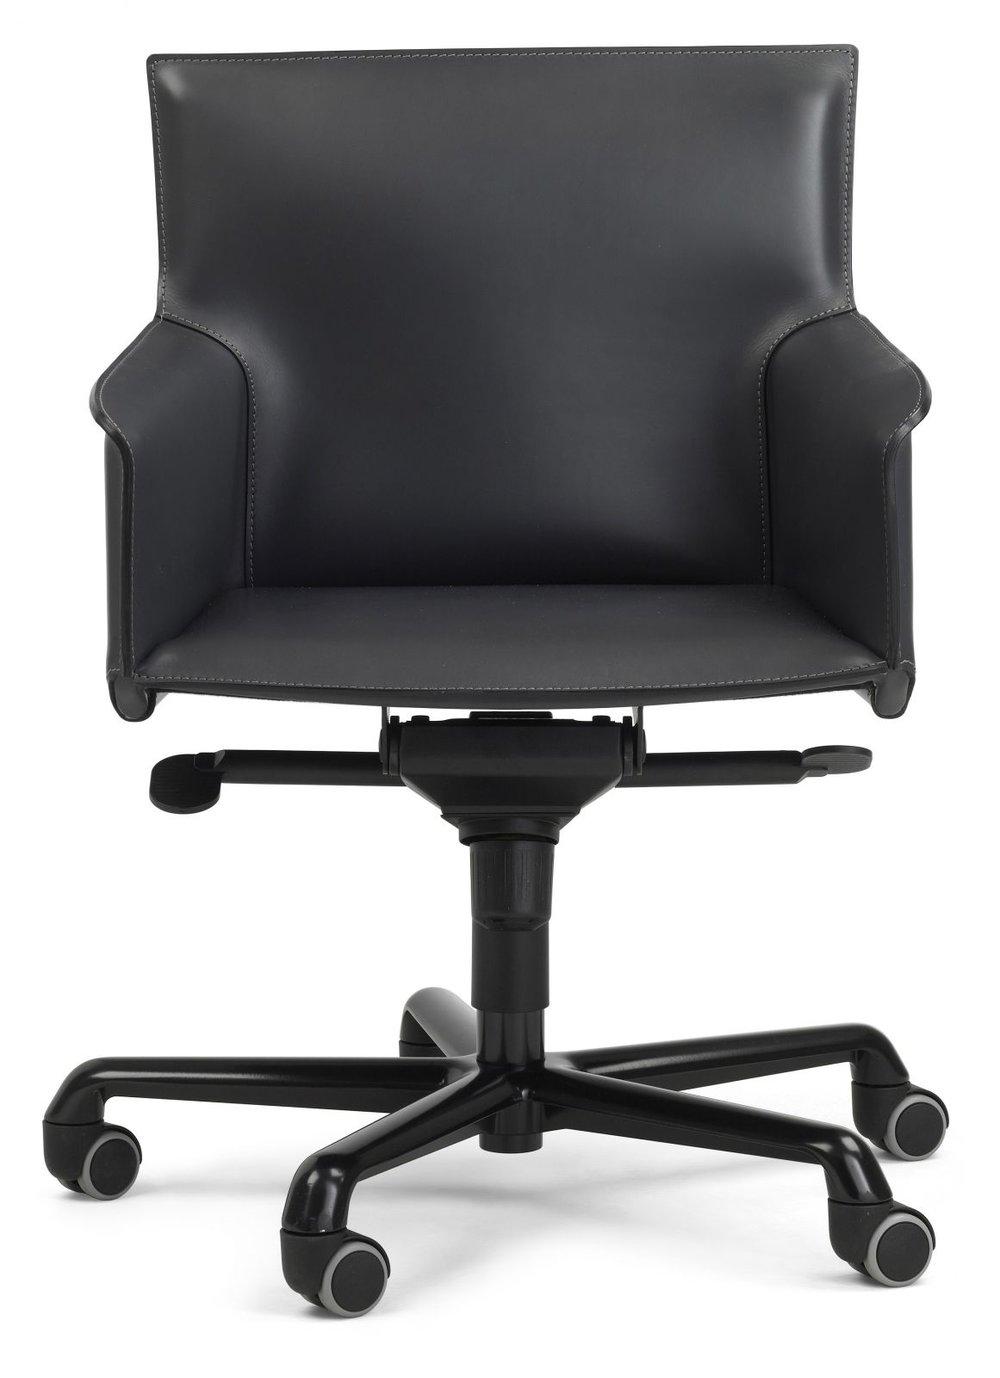 MOF 02 Modern Office Chair